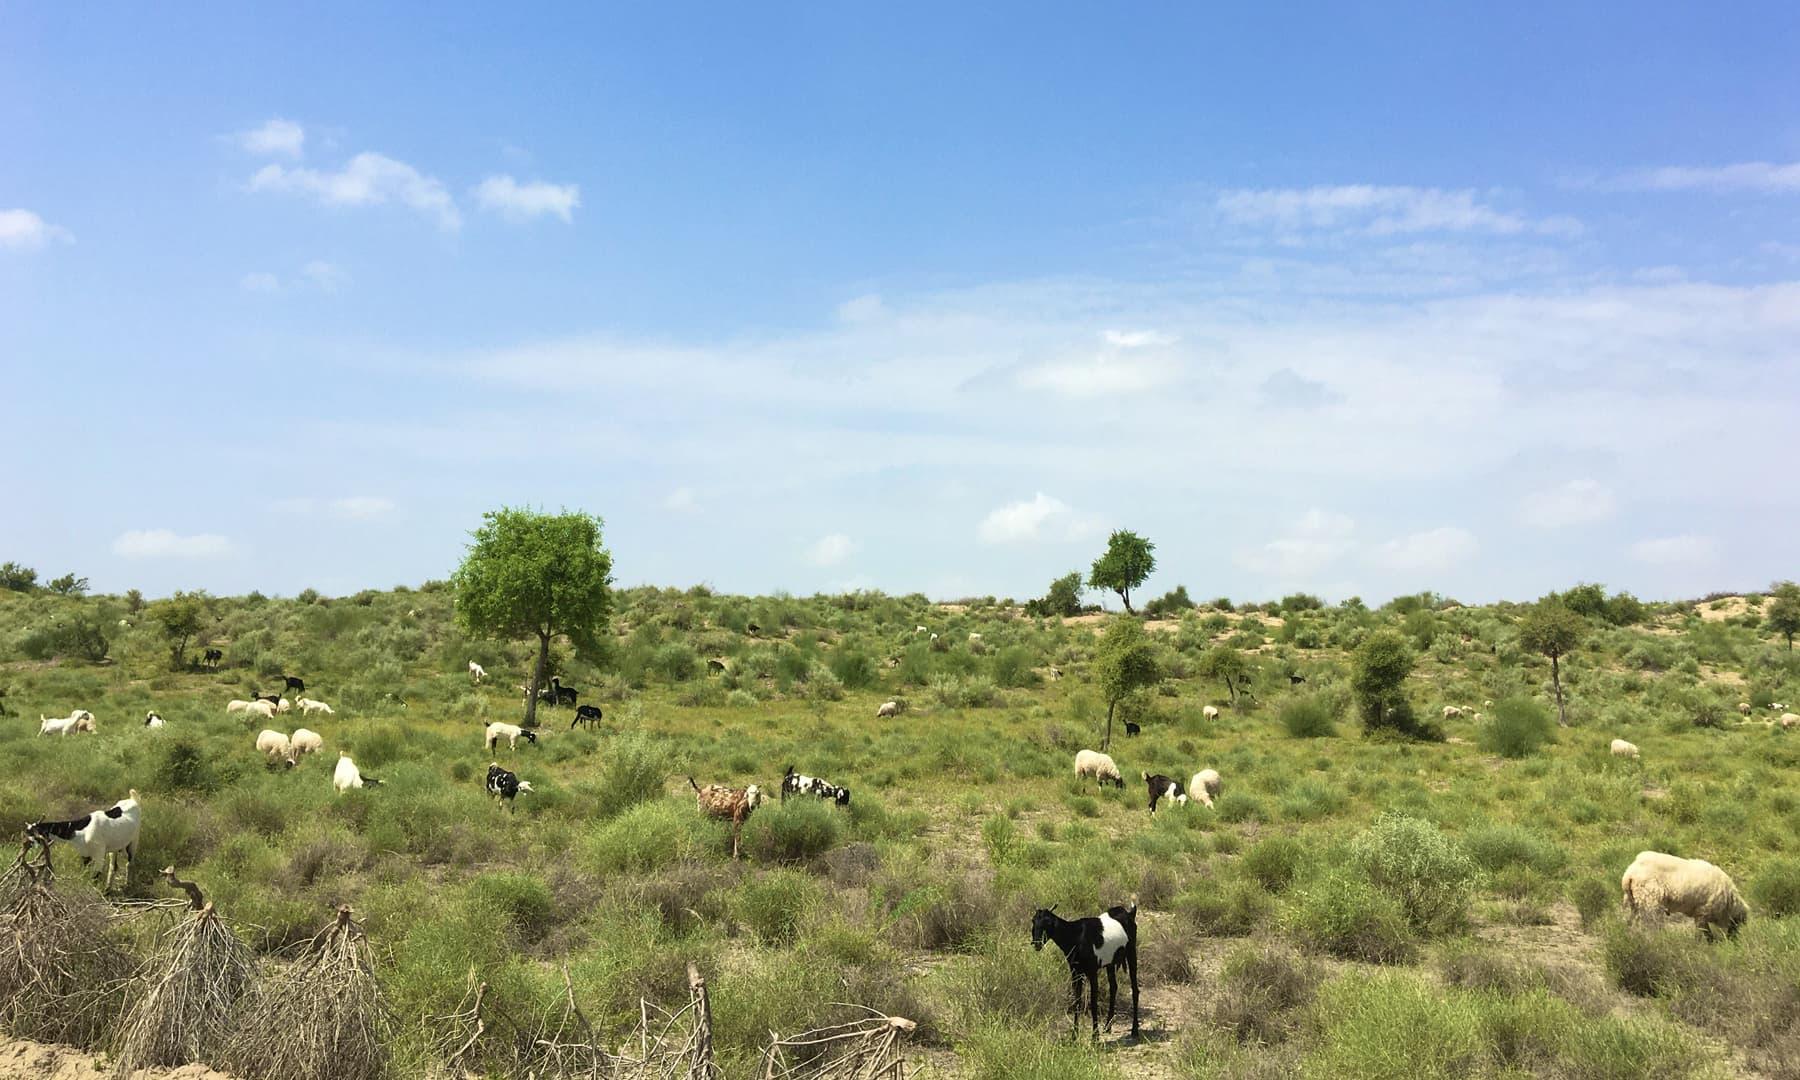 تھر میں بارش میں تاخیر کے باعث مویشیوں کے لیے چارہ بھی ایک مشکل بن گئی تھی---فوٹو:امتیاز دھارانی